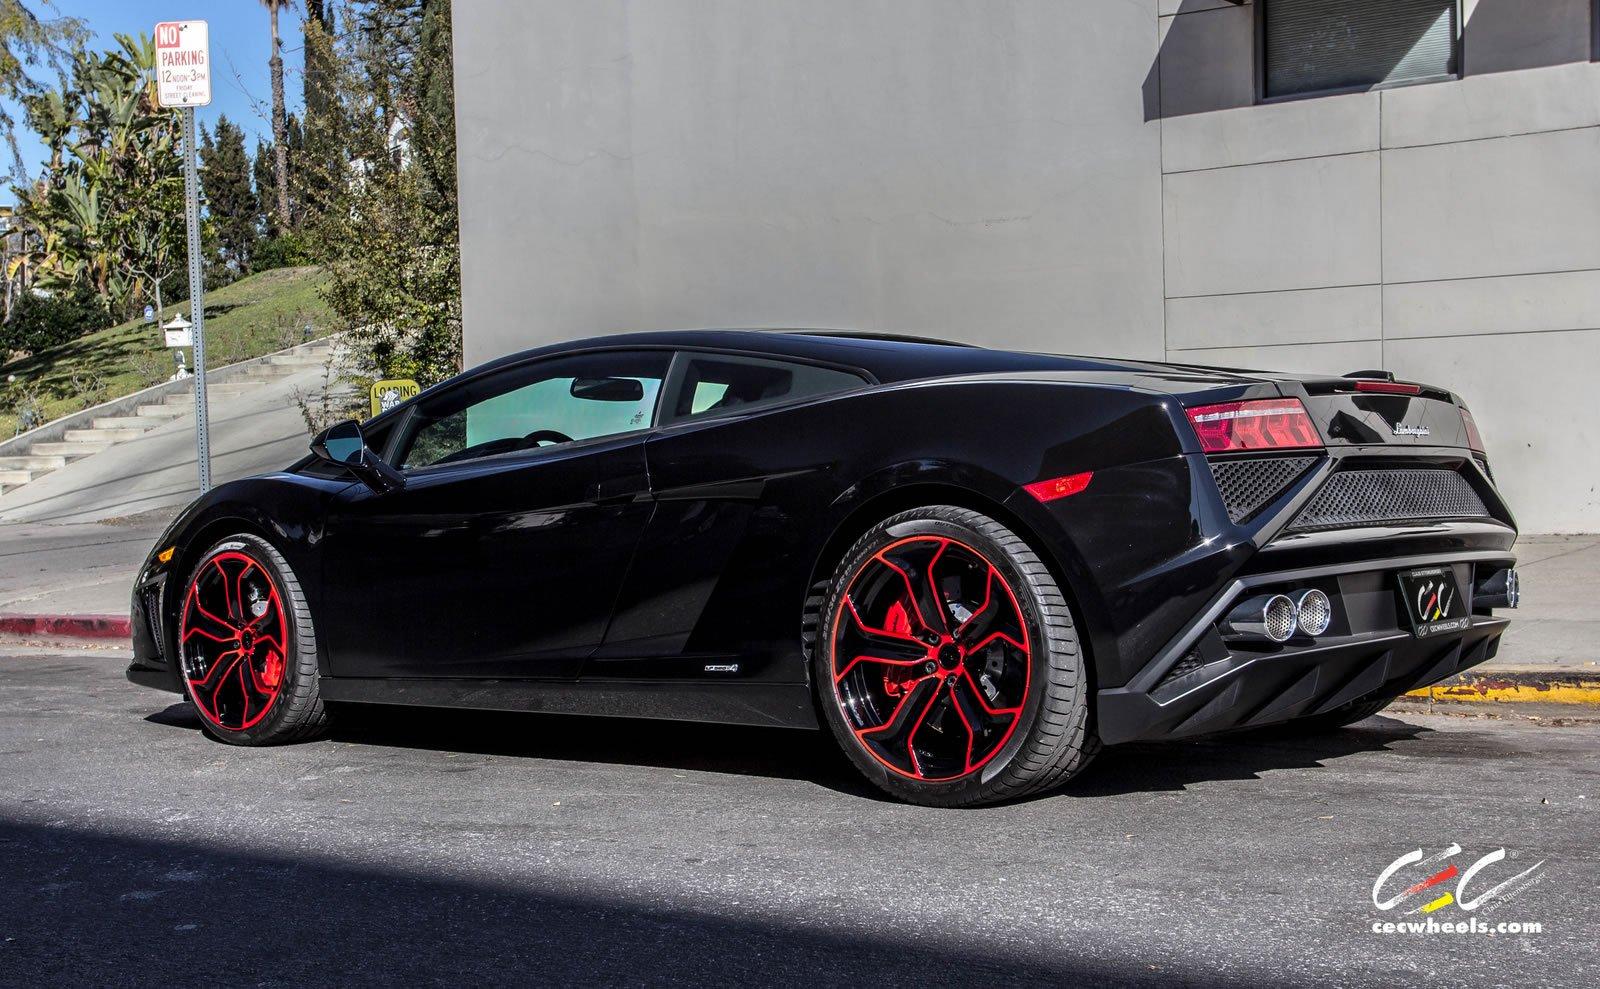 2015 cars CEC Tuning wheels supercars Lamborghini Gallardo ...